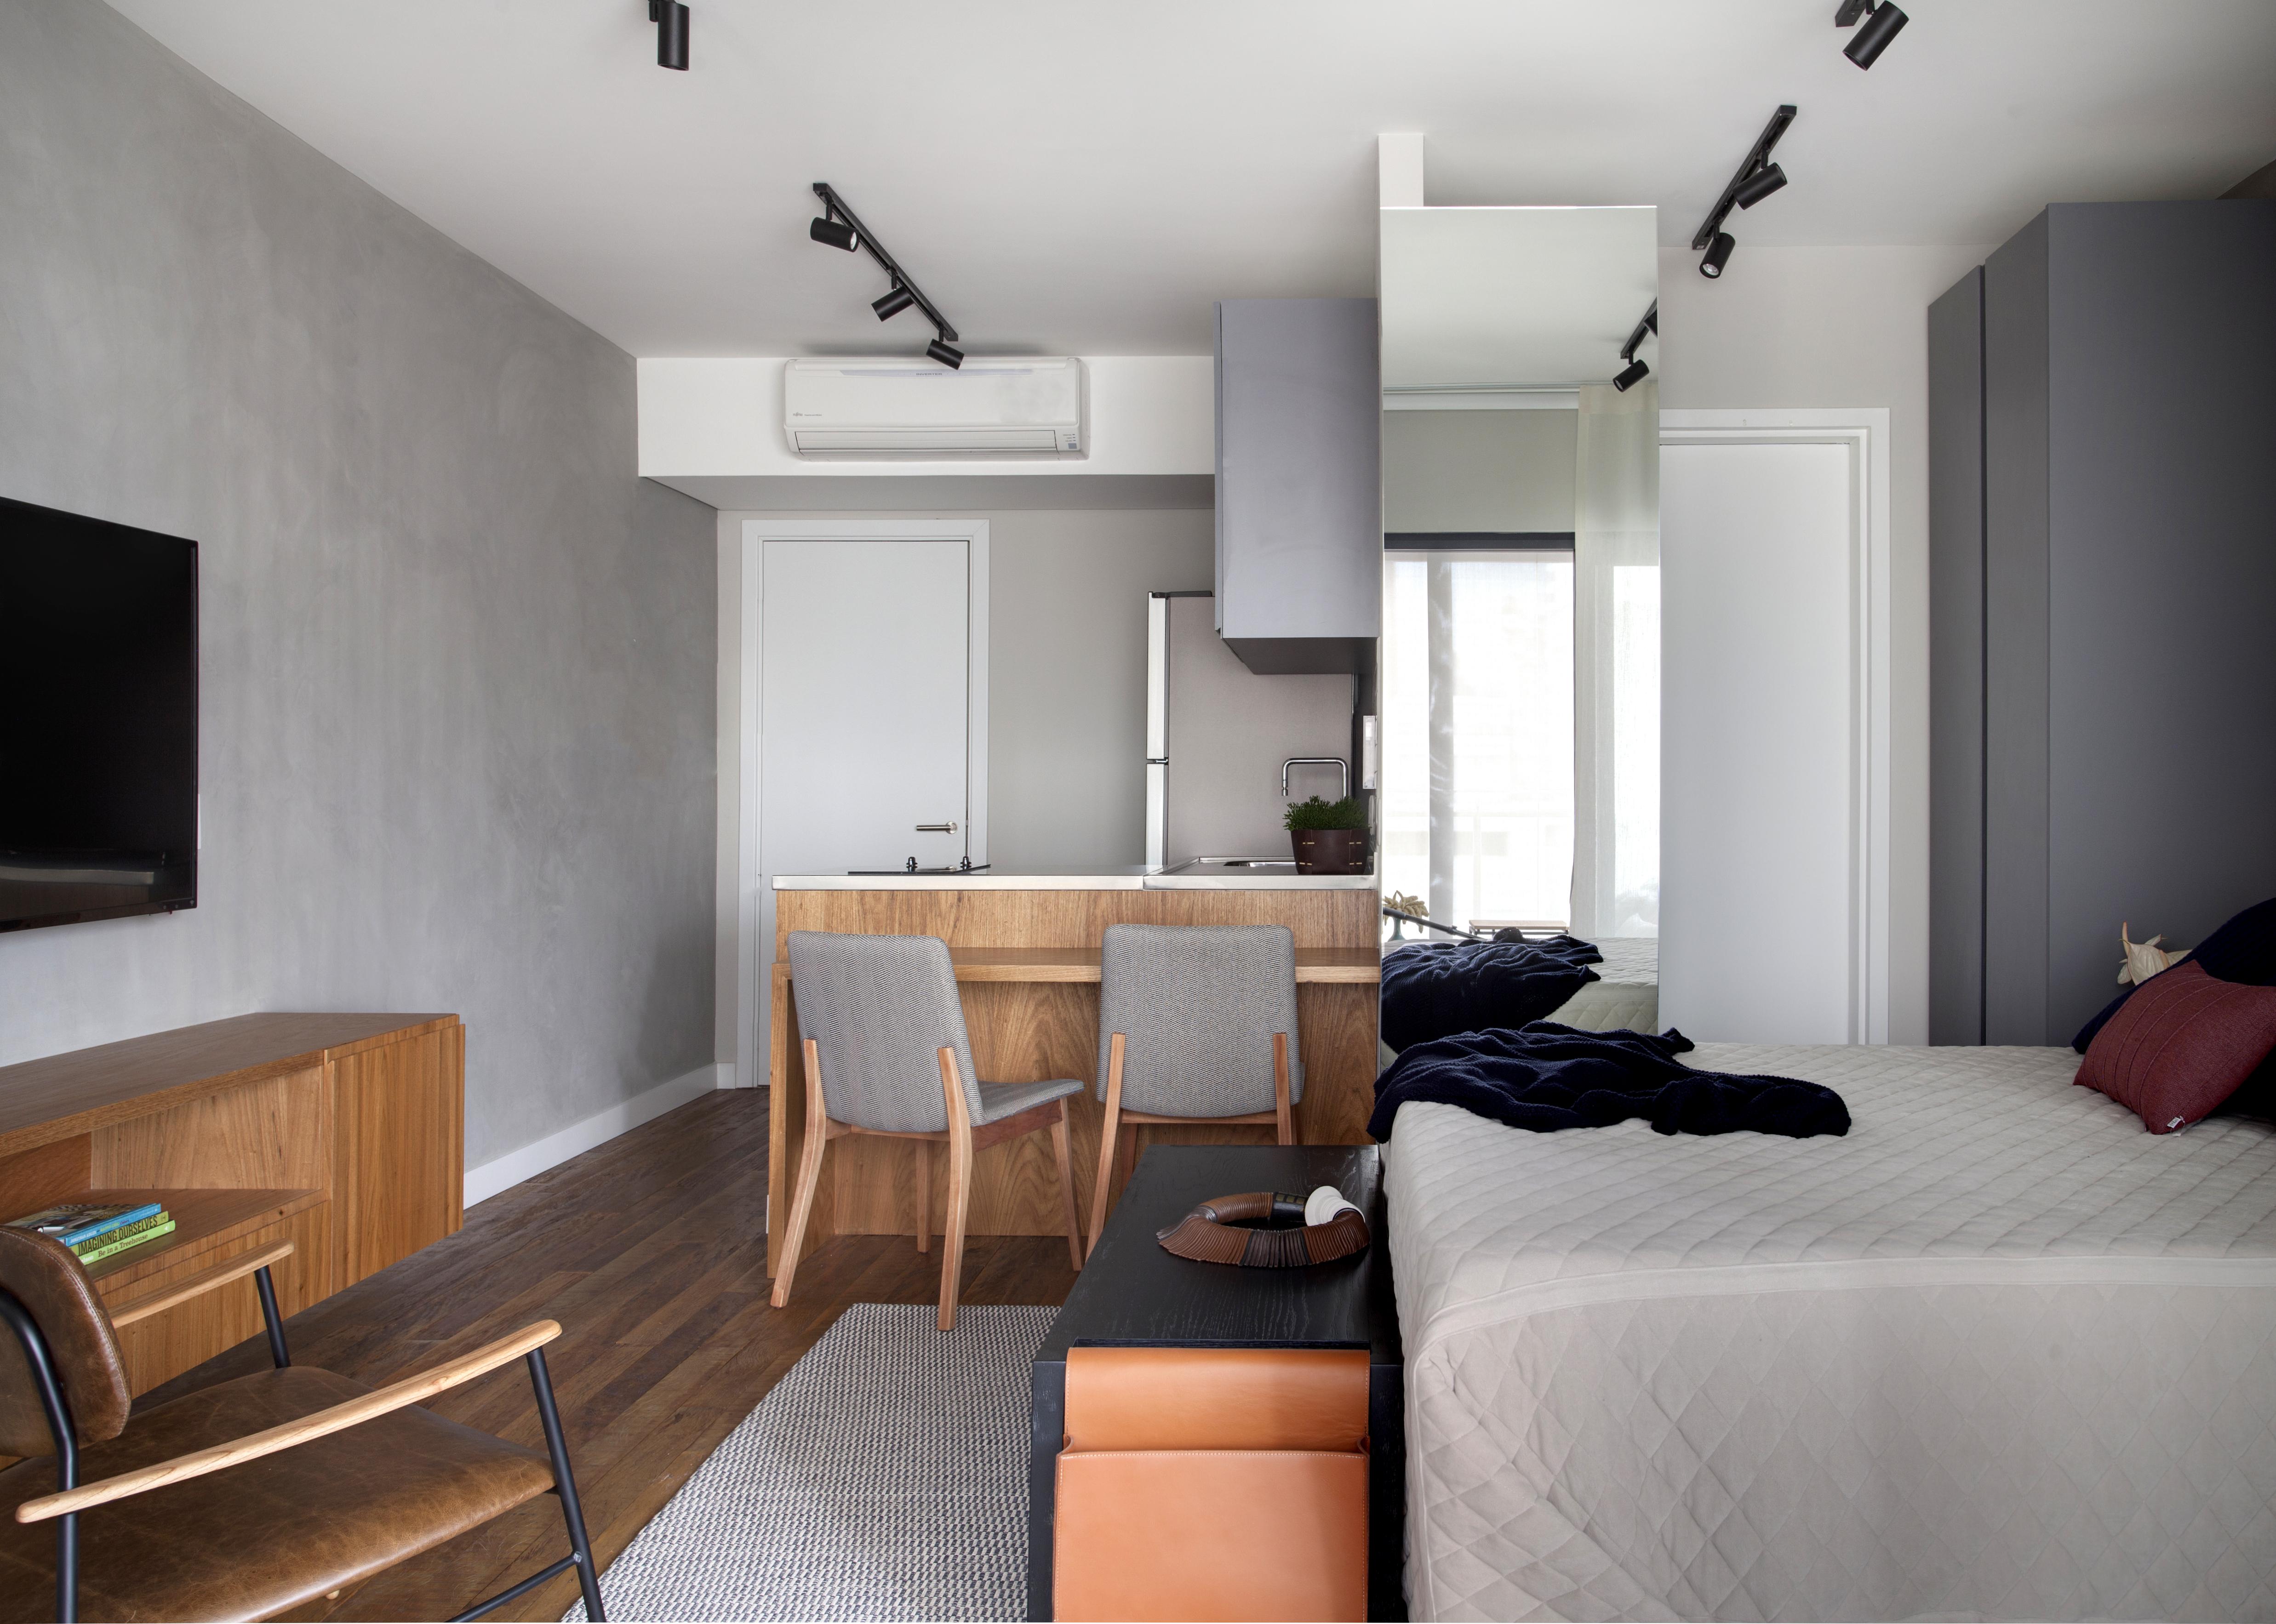 Amadeirados em diversas partes da decoração foram inteligentemente aplicados para contrapor ao revestimento cimentício das paredes.